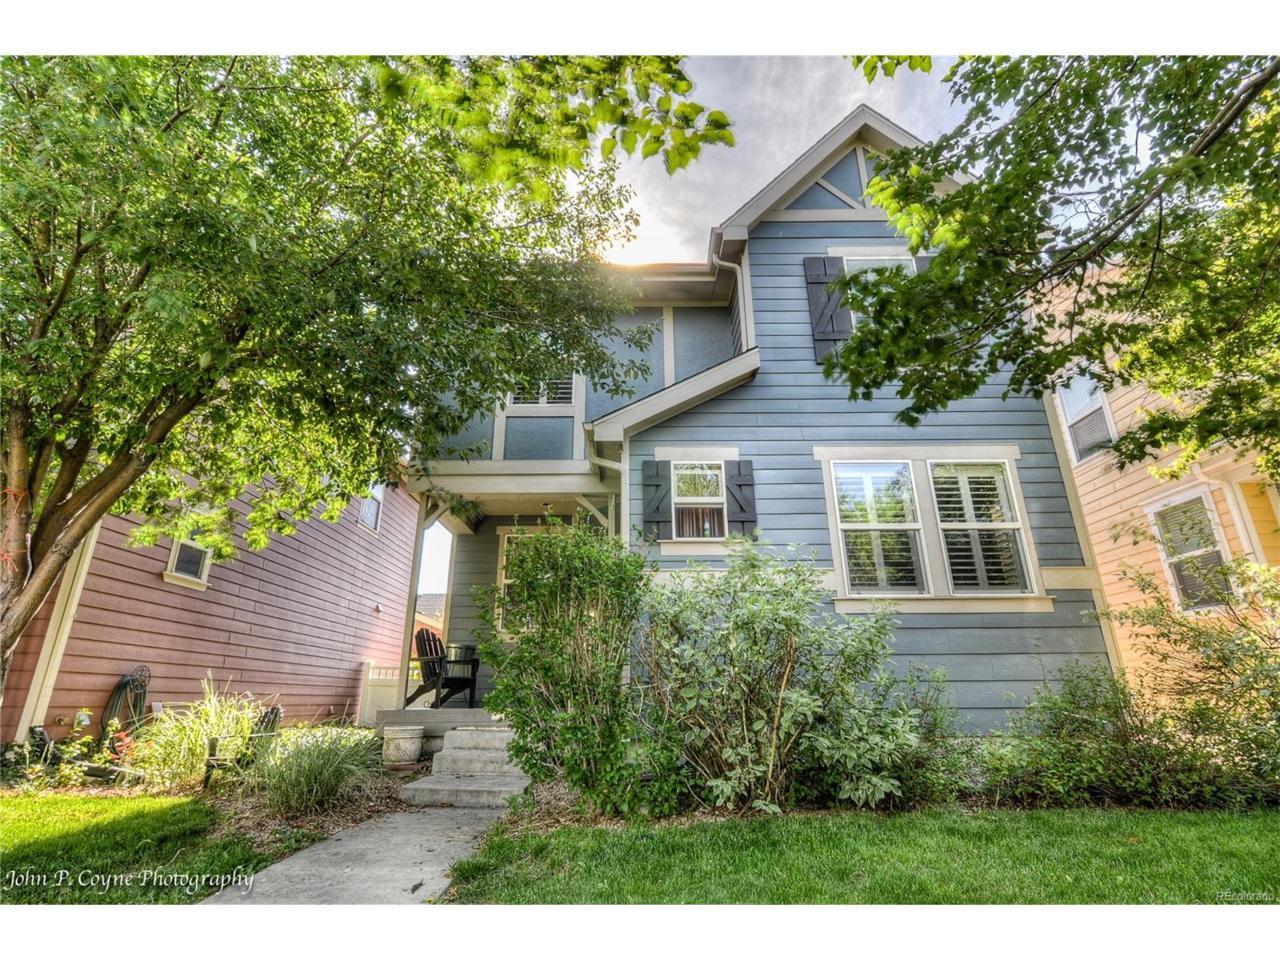 2834 Valentia Street, Denver, CO 80238 (MLS #9277229) :: 8z Real Estate